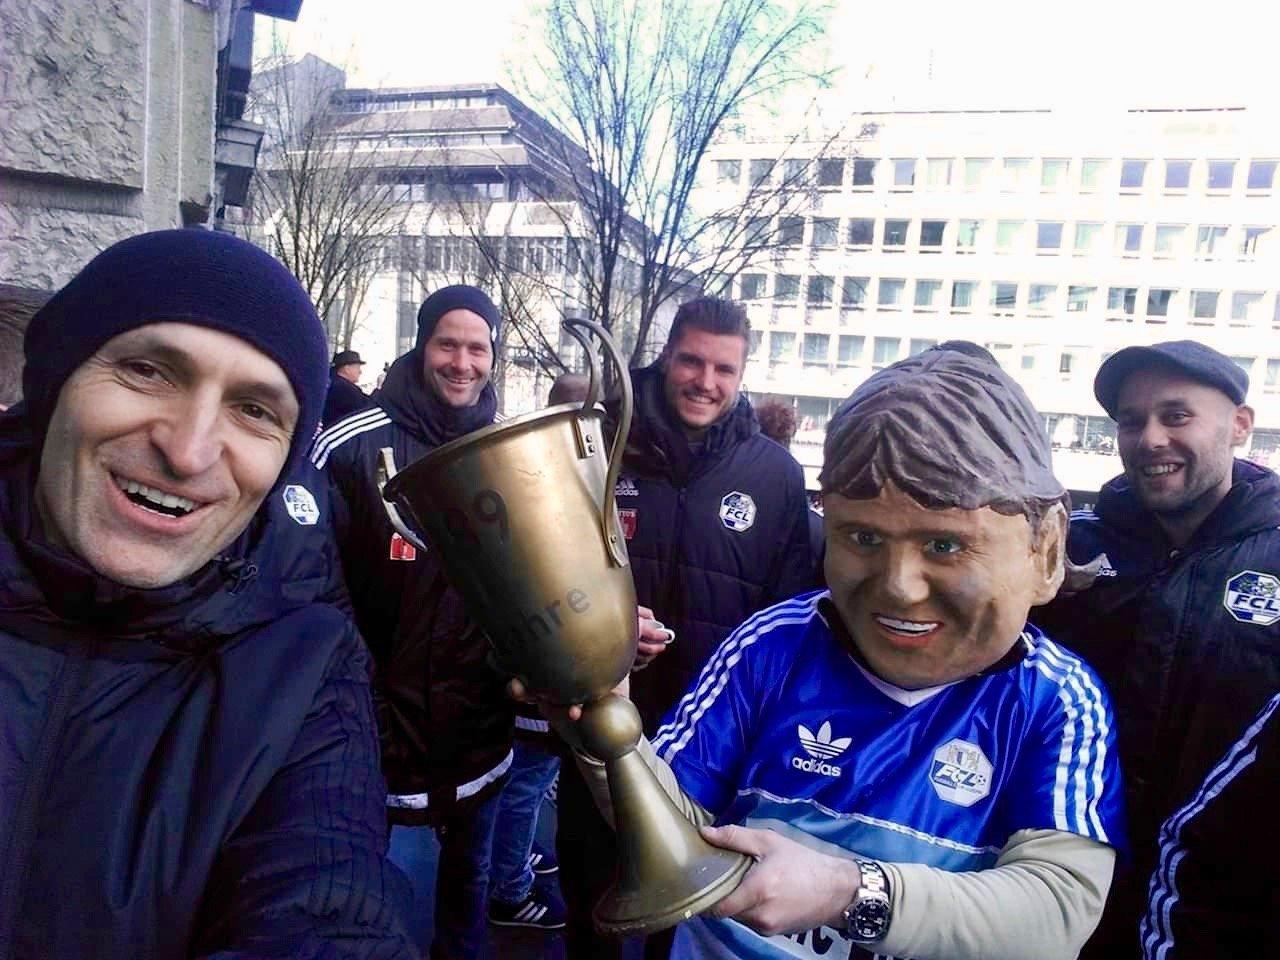 Der als Hansi Burri verkleidete Fasnächtler bringt den aktuellen FCL-Trainer Thomas Häberli (links) und die hinter ihm stehenden Spieler David Zibung und Pascal Schürpf zum Lachen.